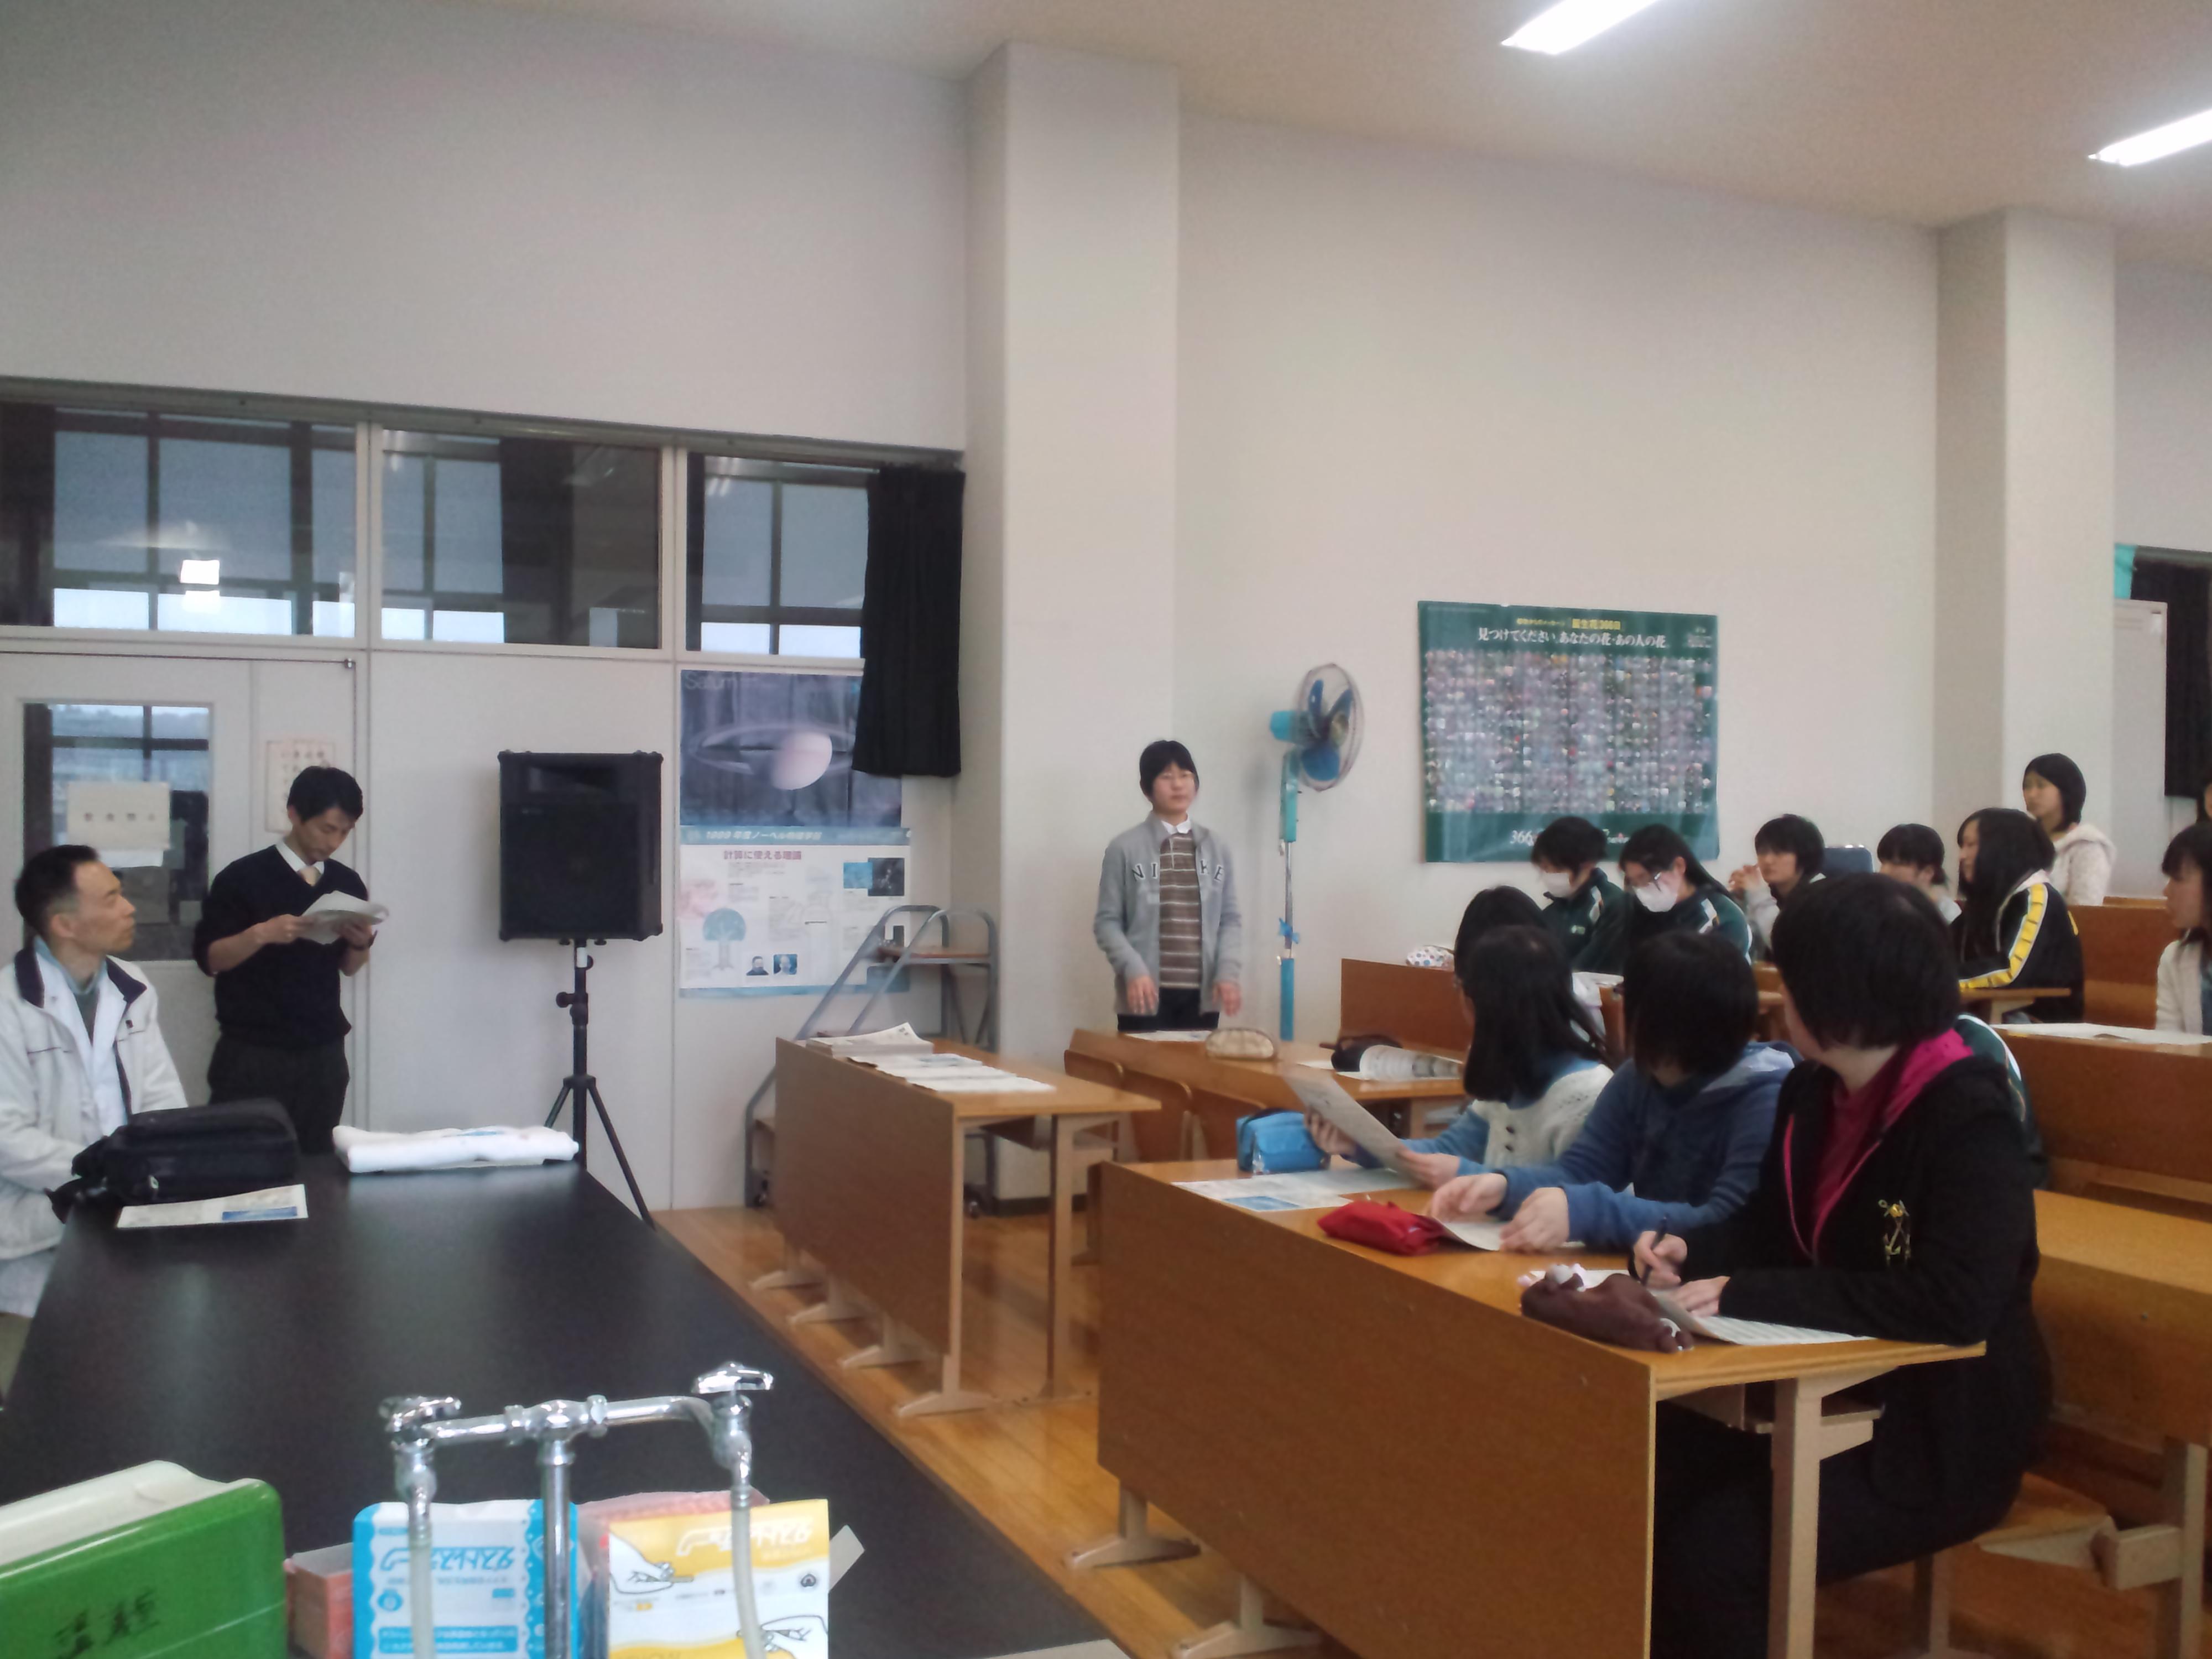 http://www.ige.tohoku.ac.jp/mirai/news/upload_items/201004/CA3F0015.JPG